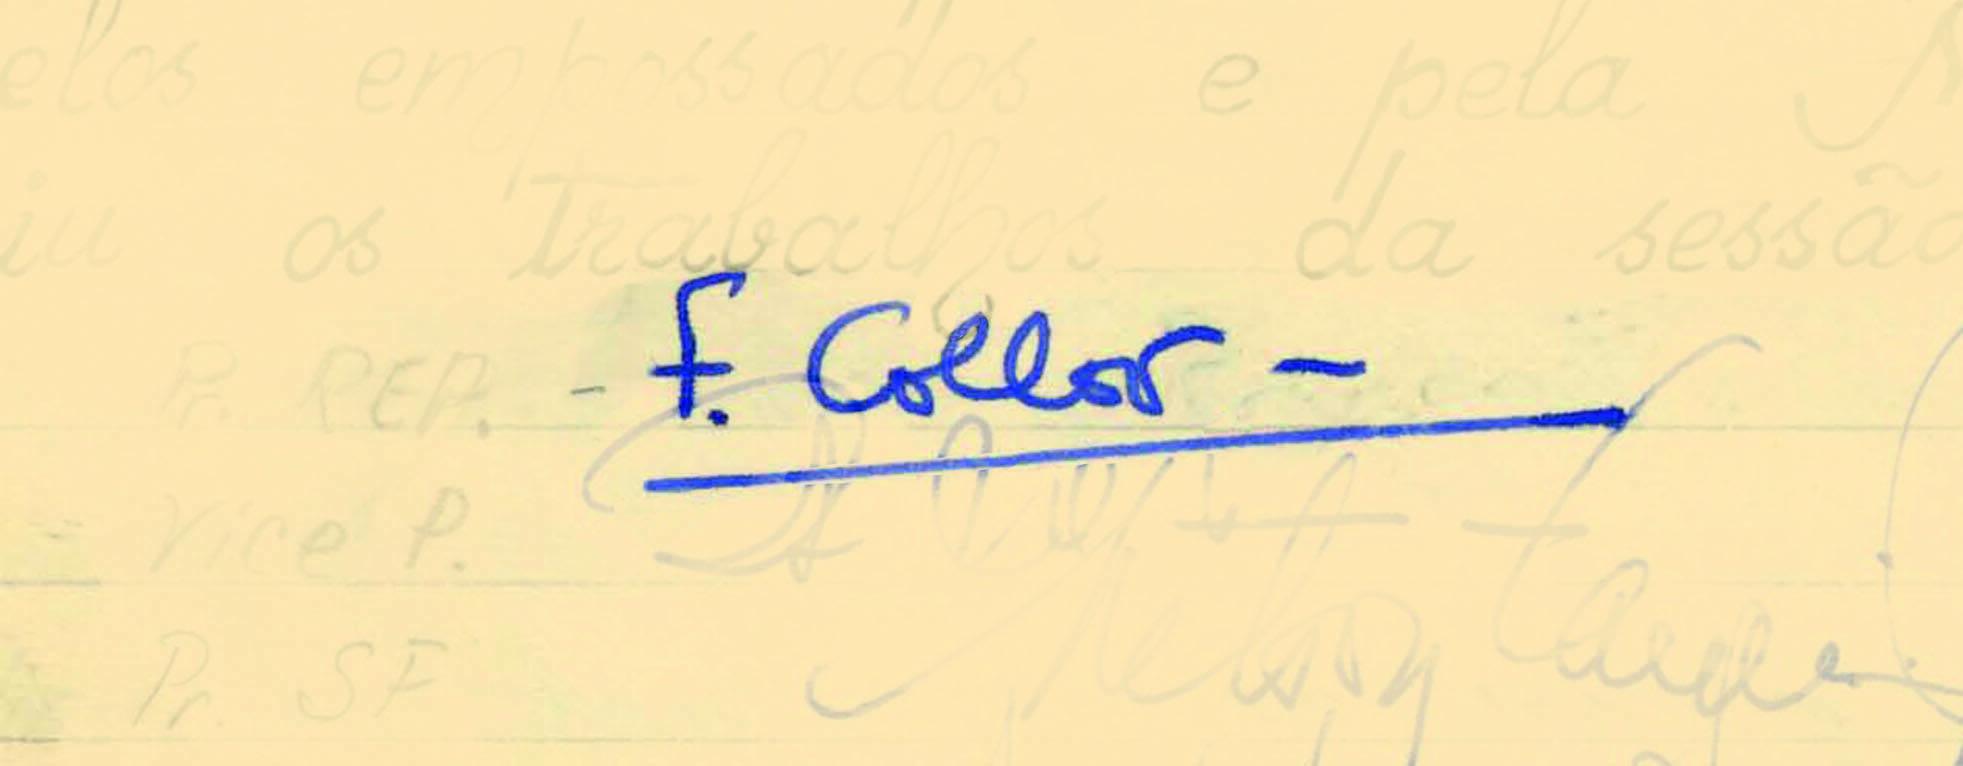 Fernando Collor, primeiro presidente eleito diretamente desde 1960, foi empossado em 1990. Foto: Reprodução / Senado Federal